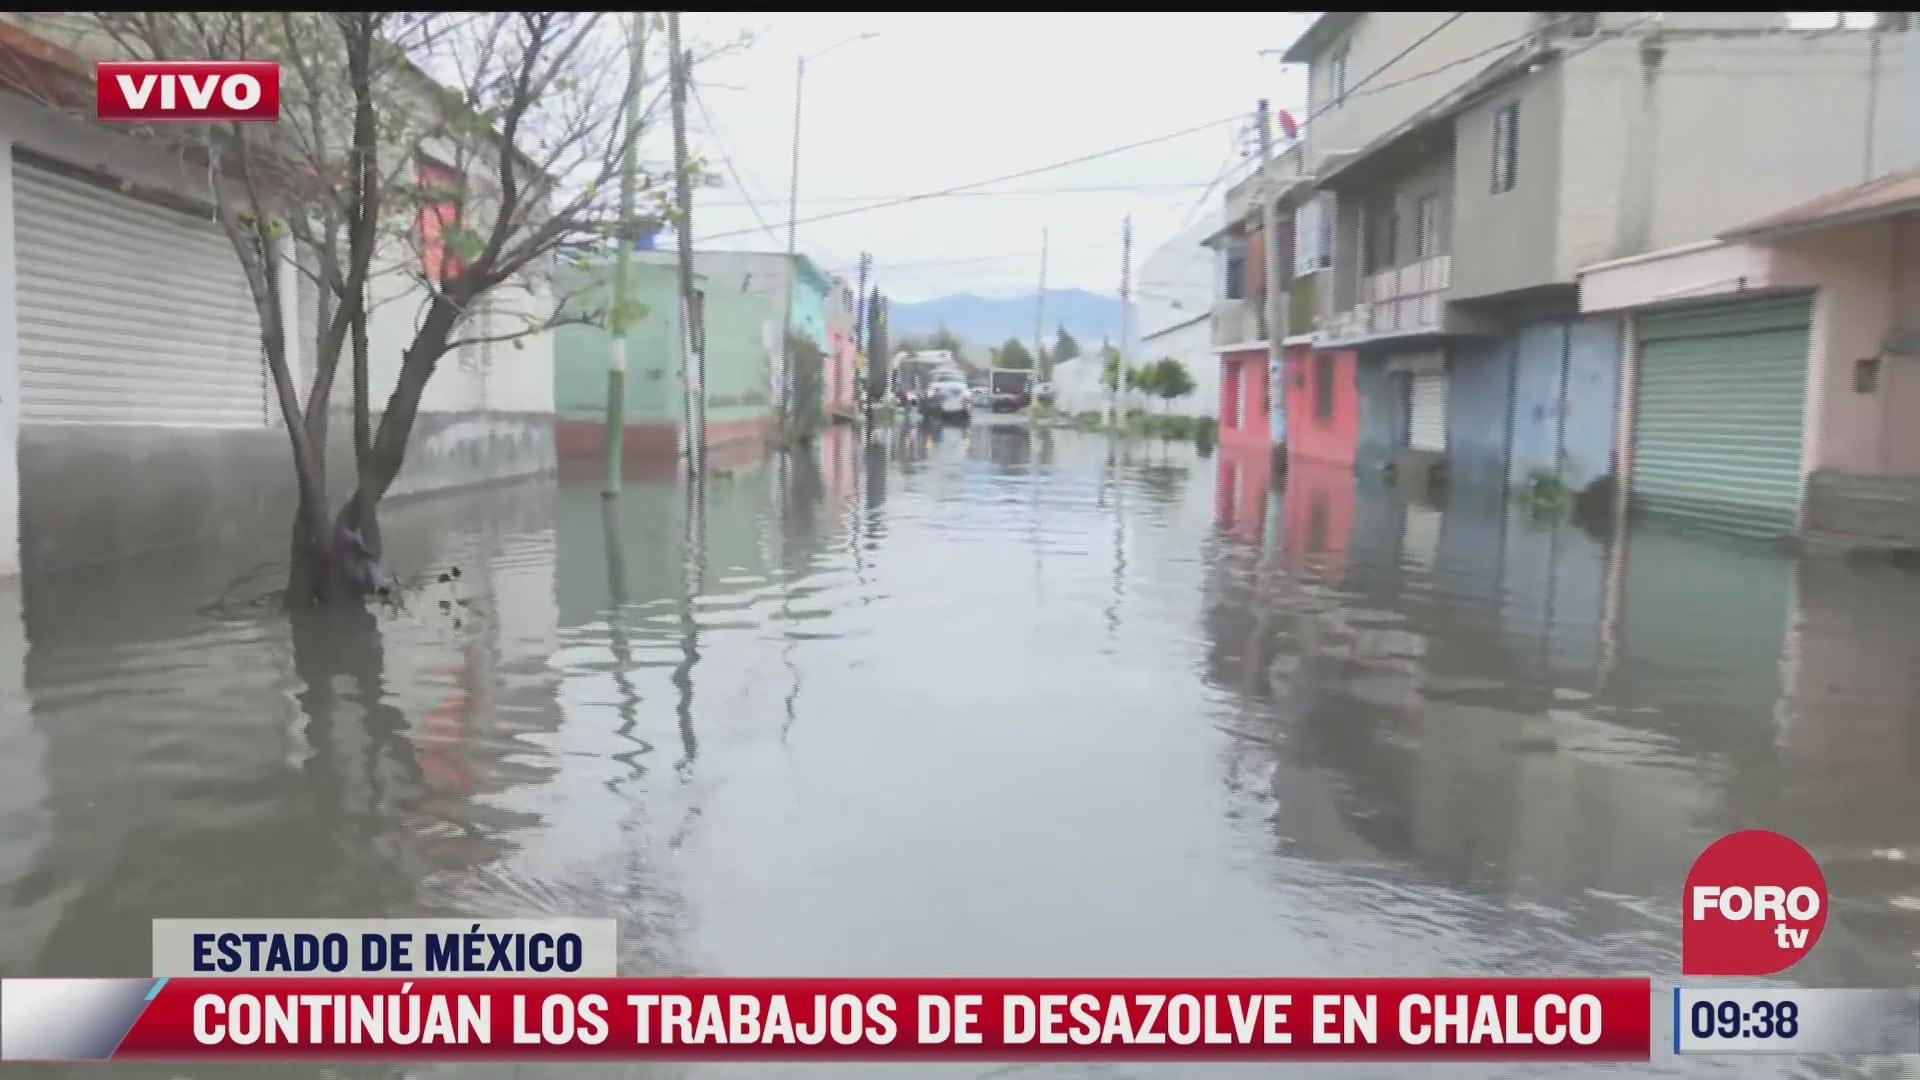 continuan los trabajos de desazolve en chalco estado de mexico tras inundaciones